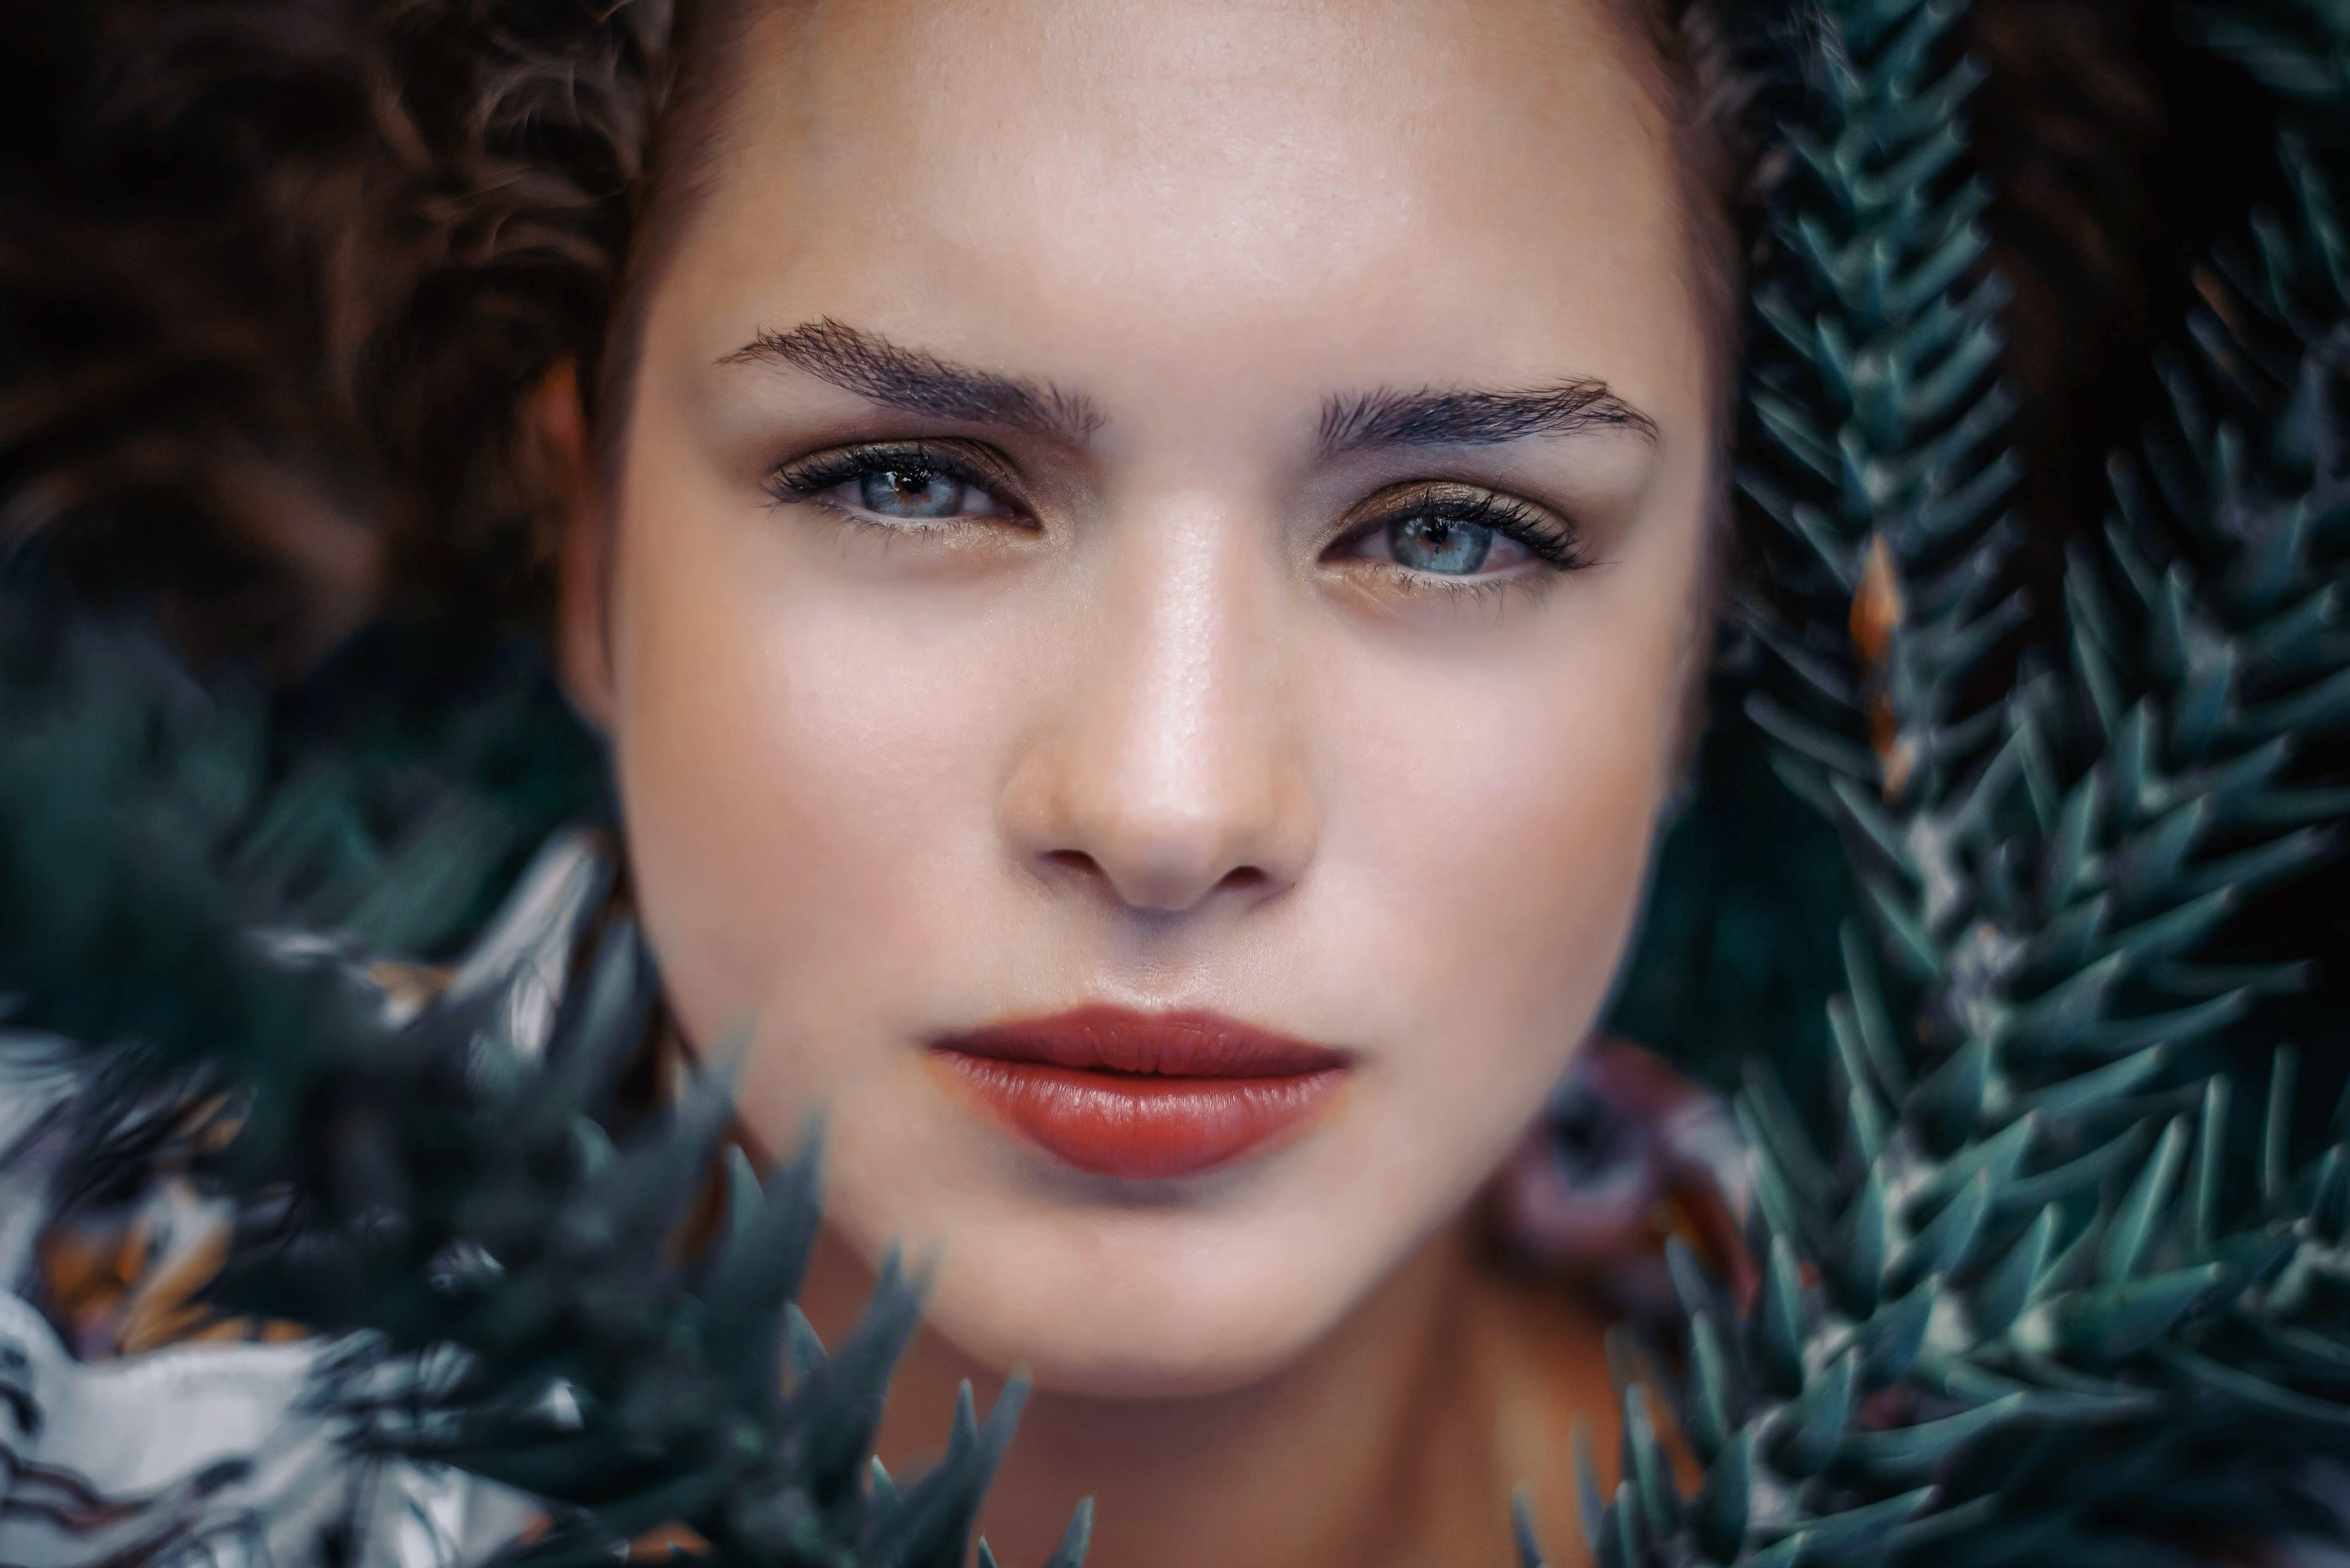 Woman's Face Beside Tree Leaf